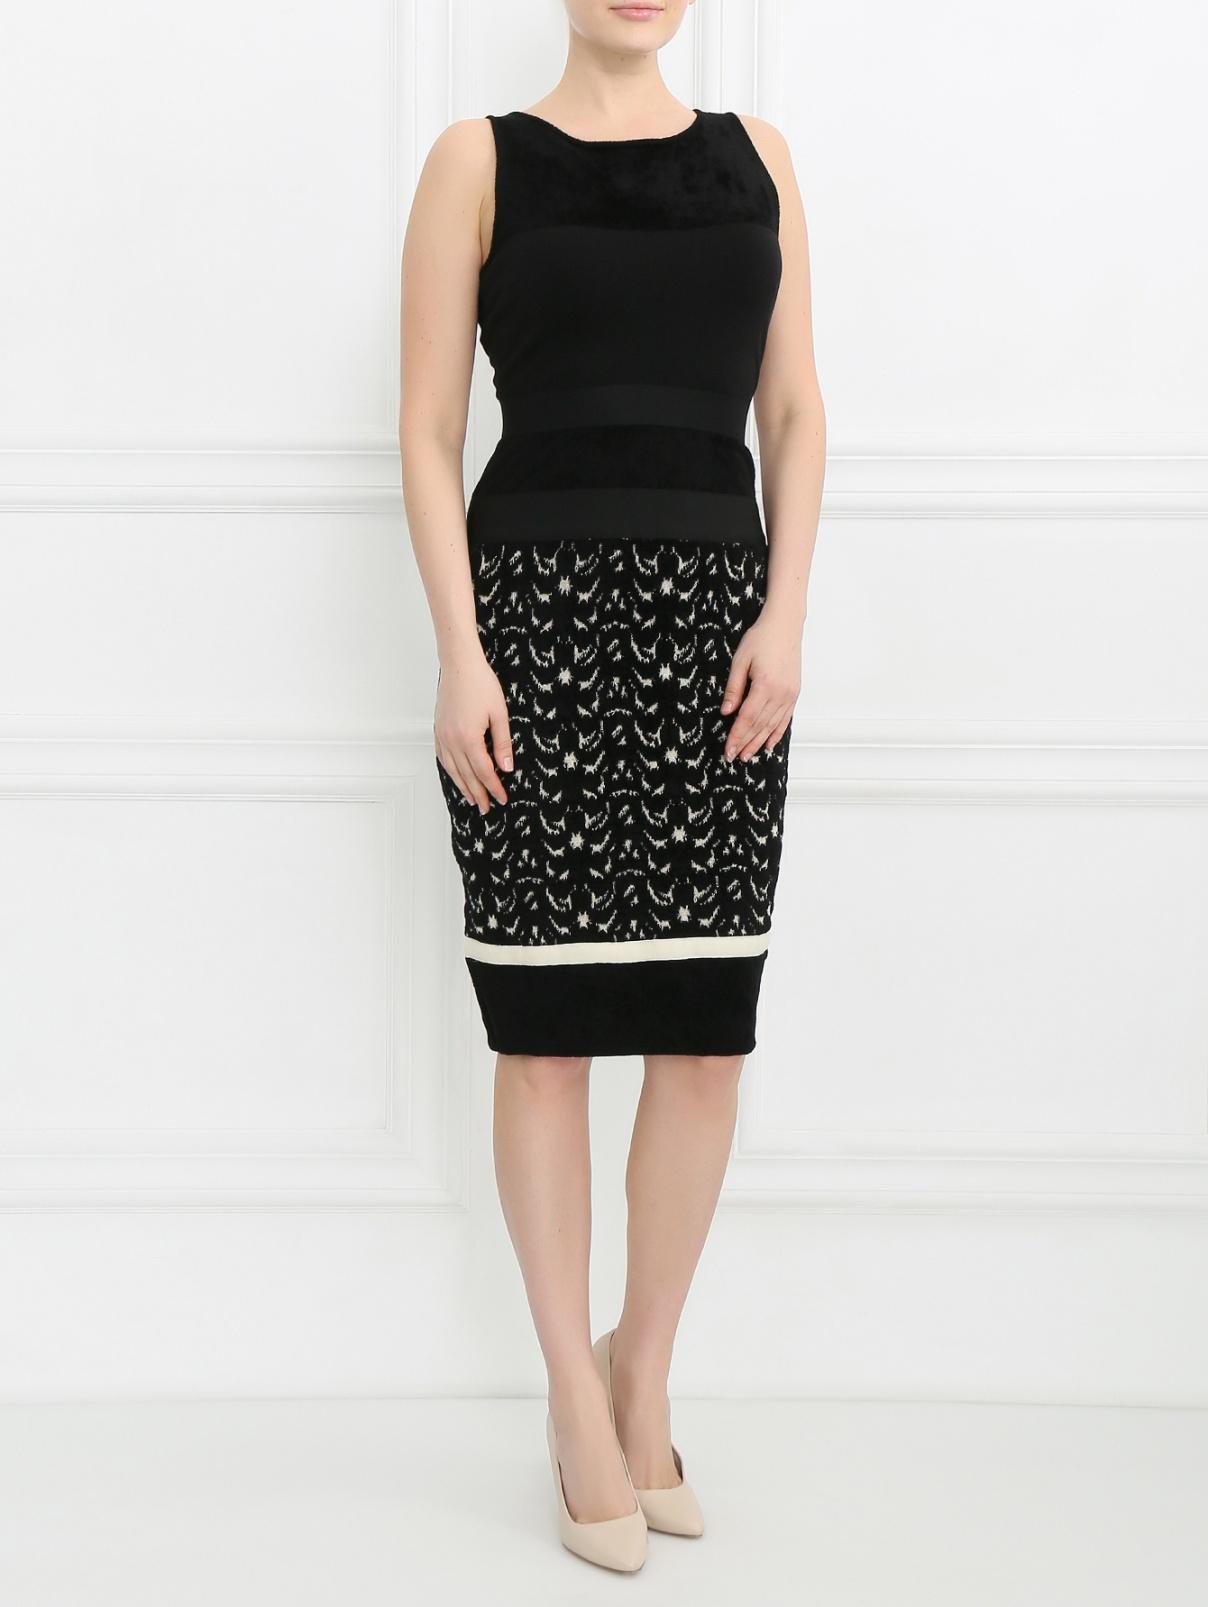 Платье-футляр с узором Giambattista Valli  –  Модель Общий вид  – Цвет:  Черный